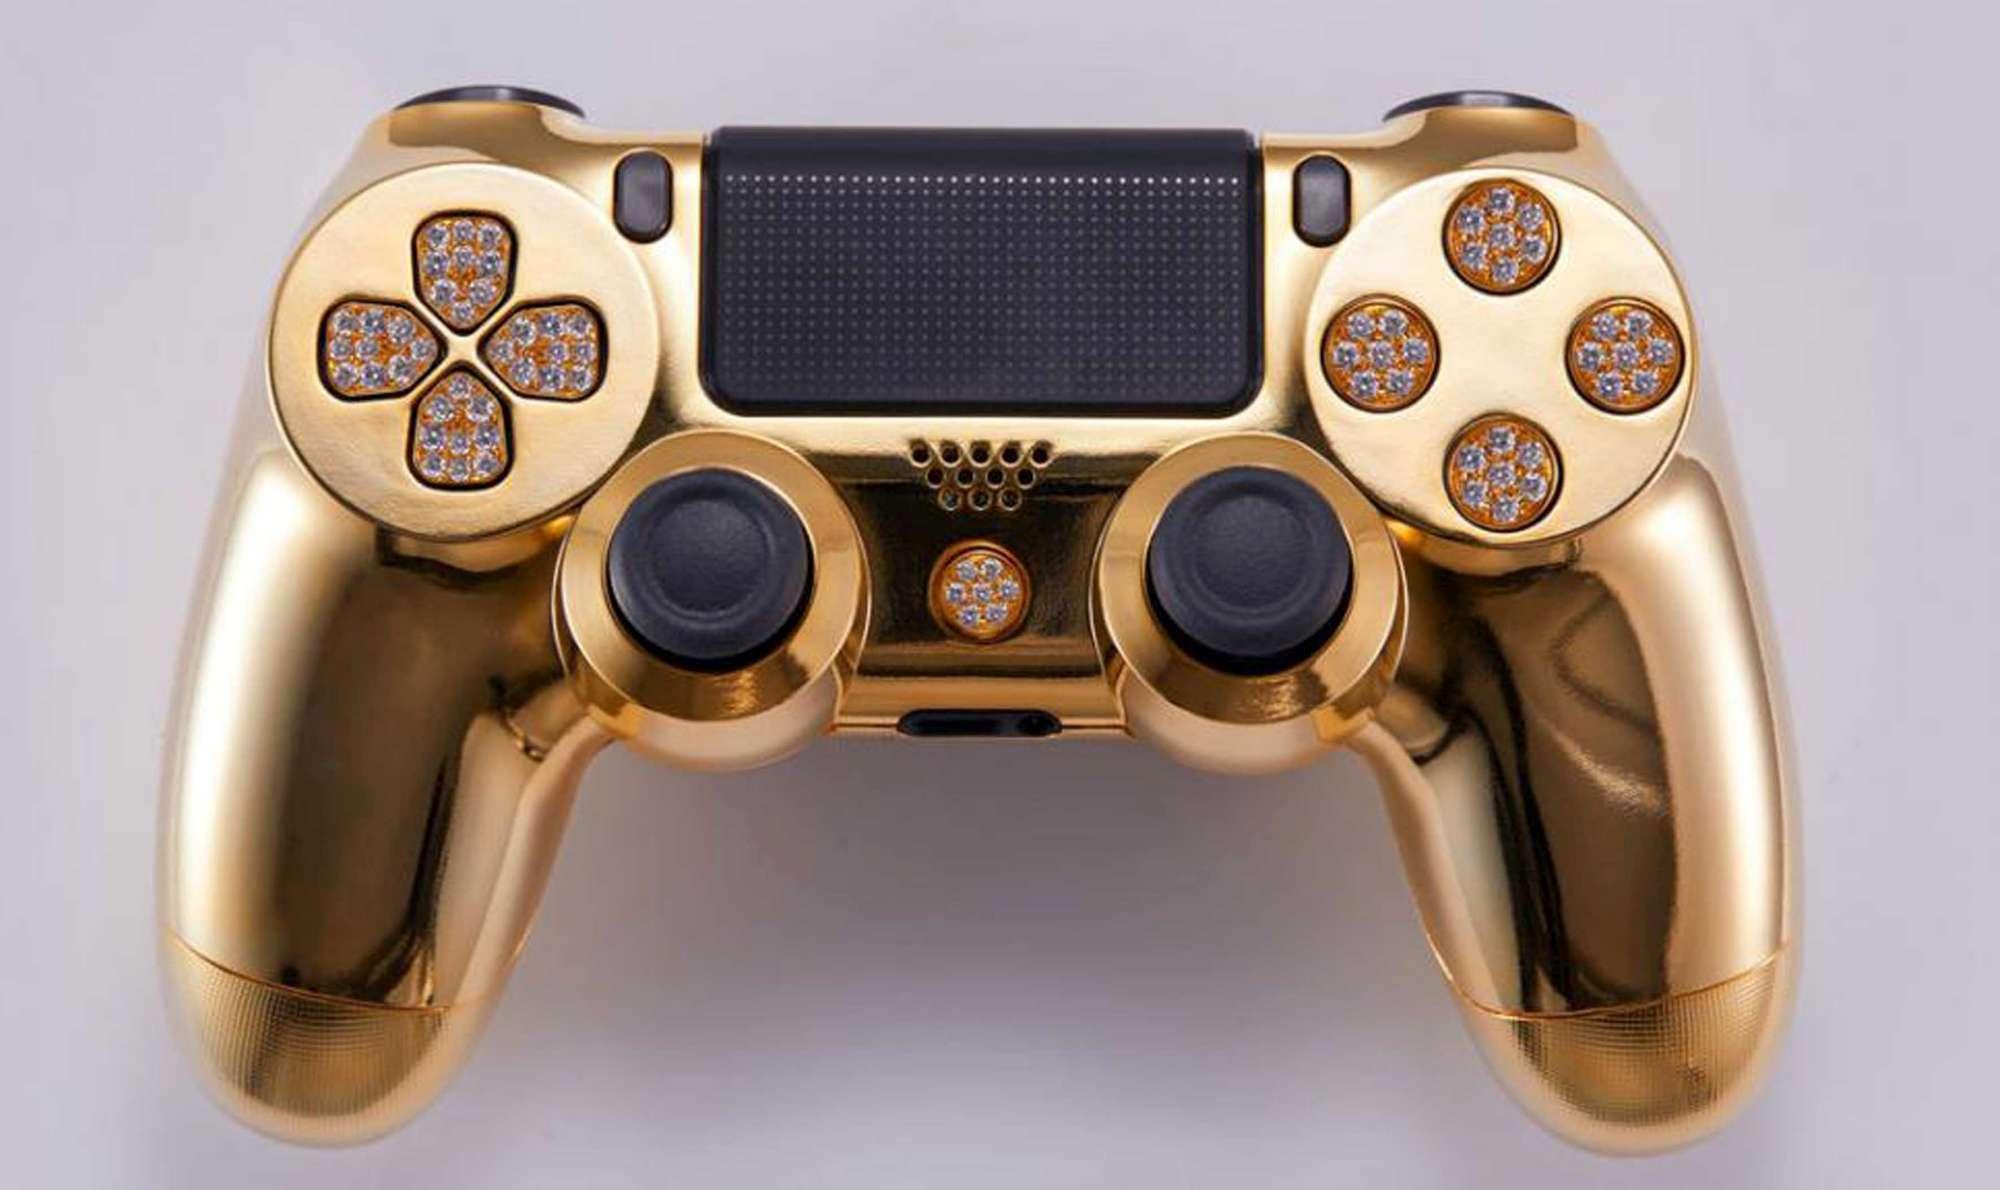 La PlayStation 4 si arricchisce di uno speciale DualShock 4 in oro da 12.000 euro 1